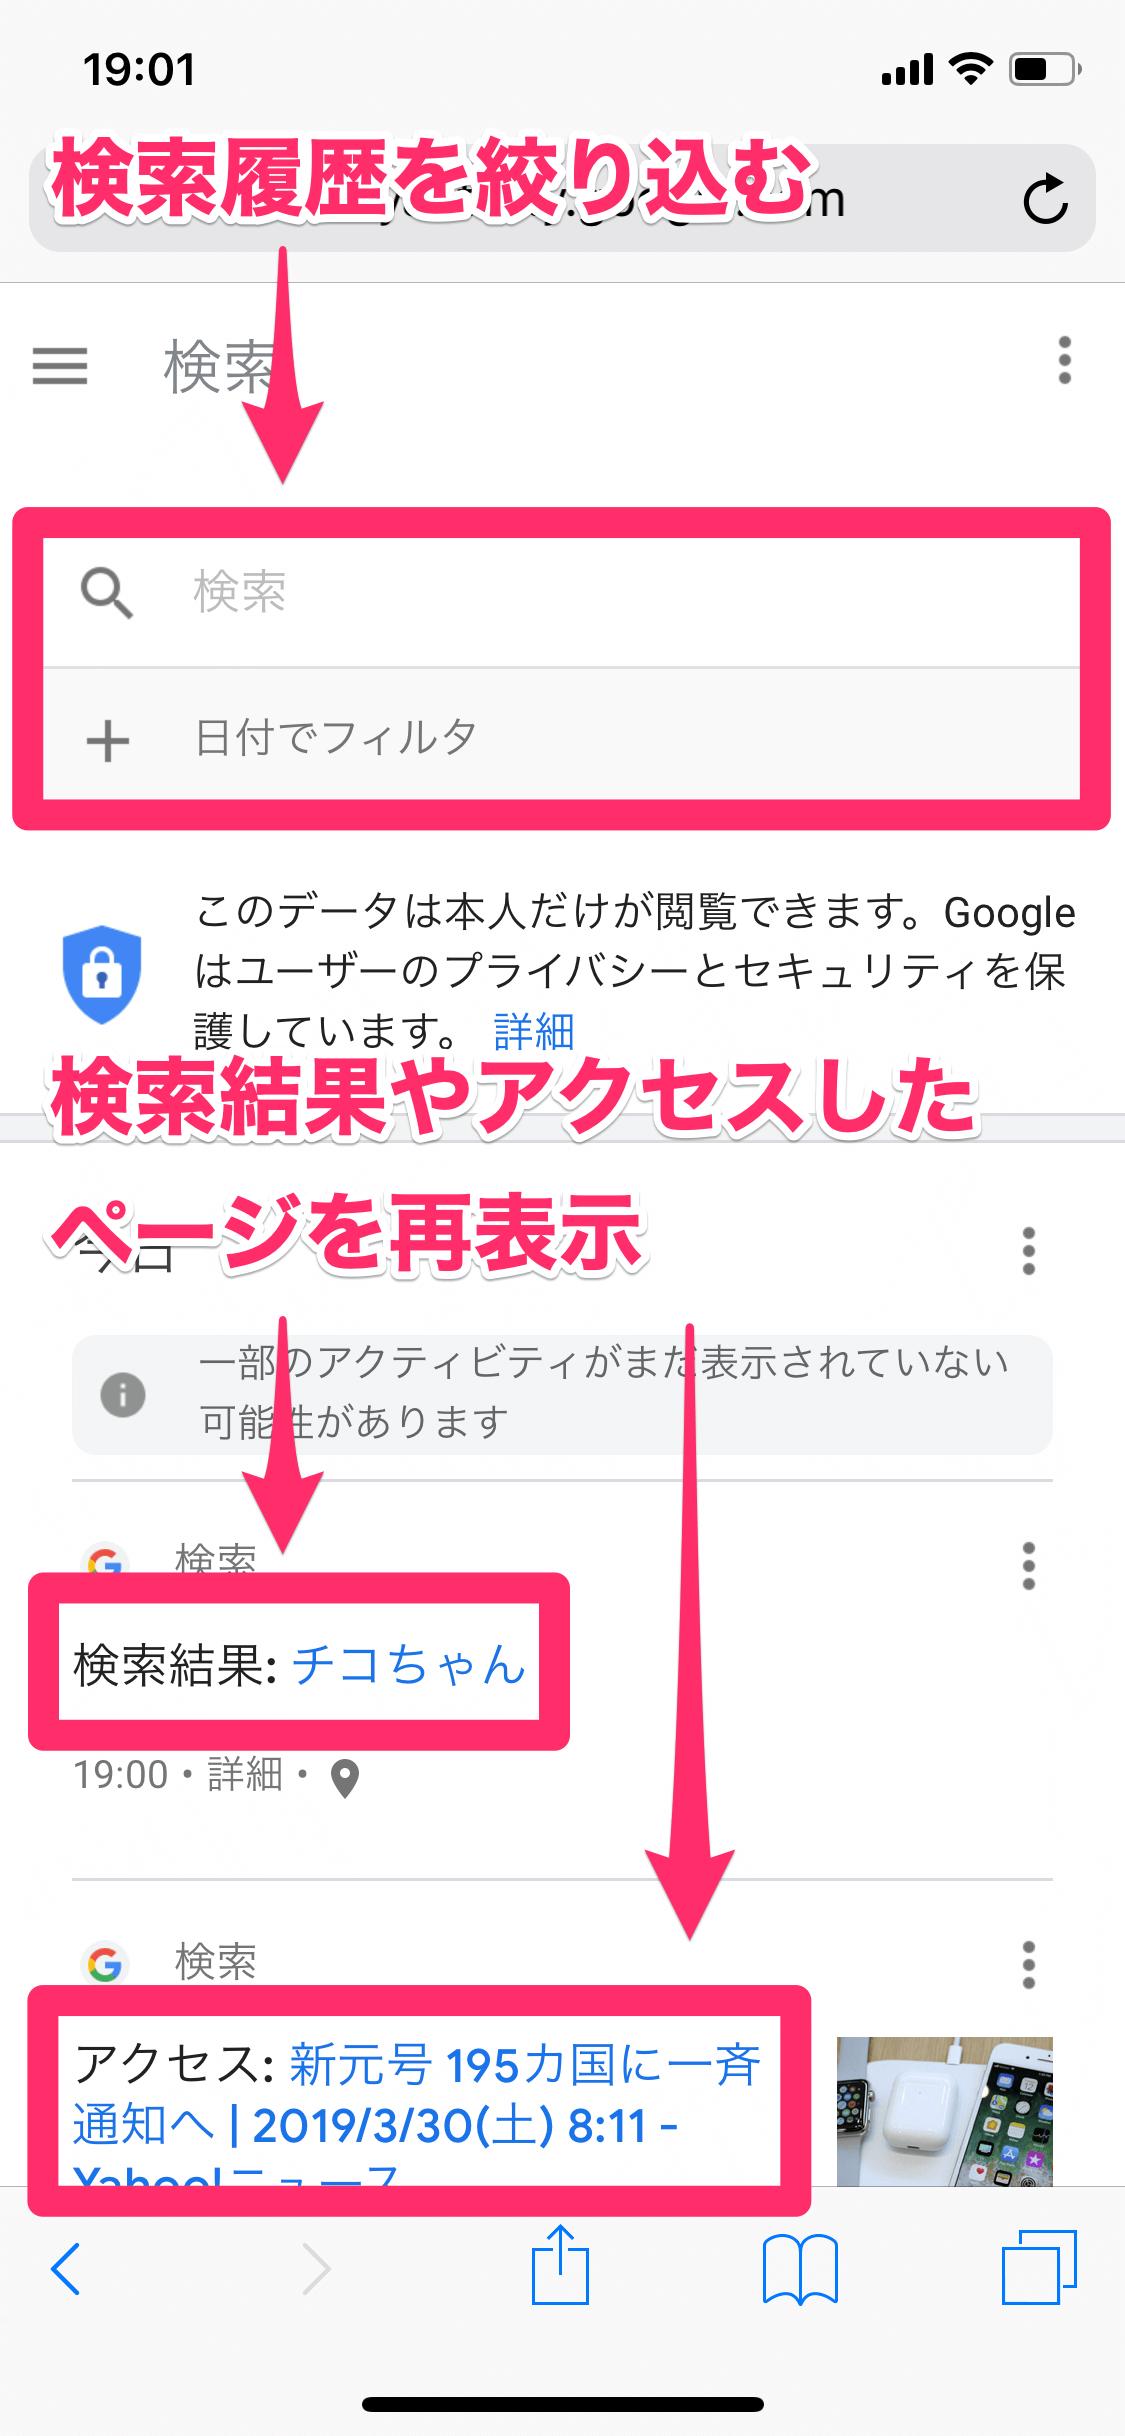 Googleの検索履歴を表示・削除する方法。スマホだけでキーワードの確認や一括消去もできる